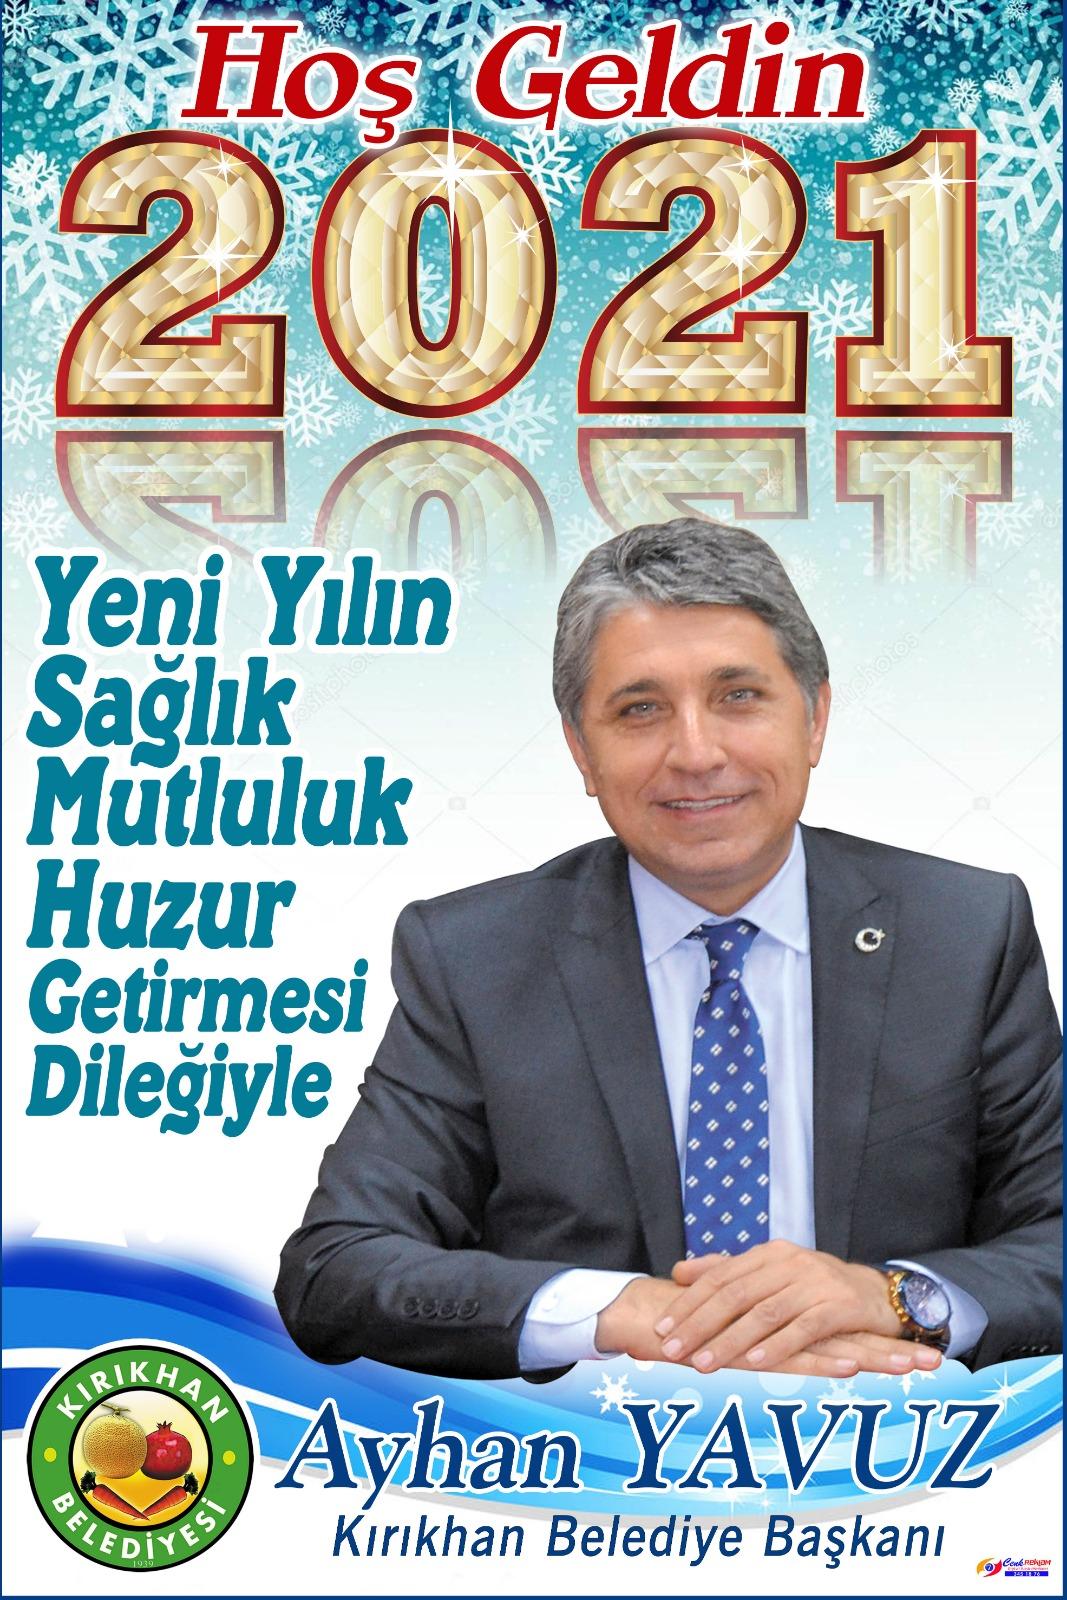 """BAŞKAN YAVUZ; """"2021 YILI MİLLETİMİZE VE TÜM İNSANLIK ALEMİNE HAYIRLAR GETİRSİN"""""""